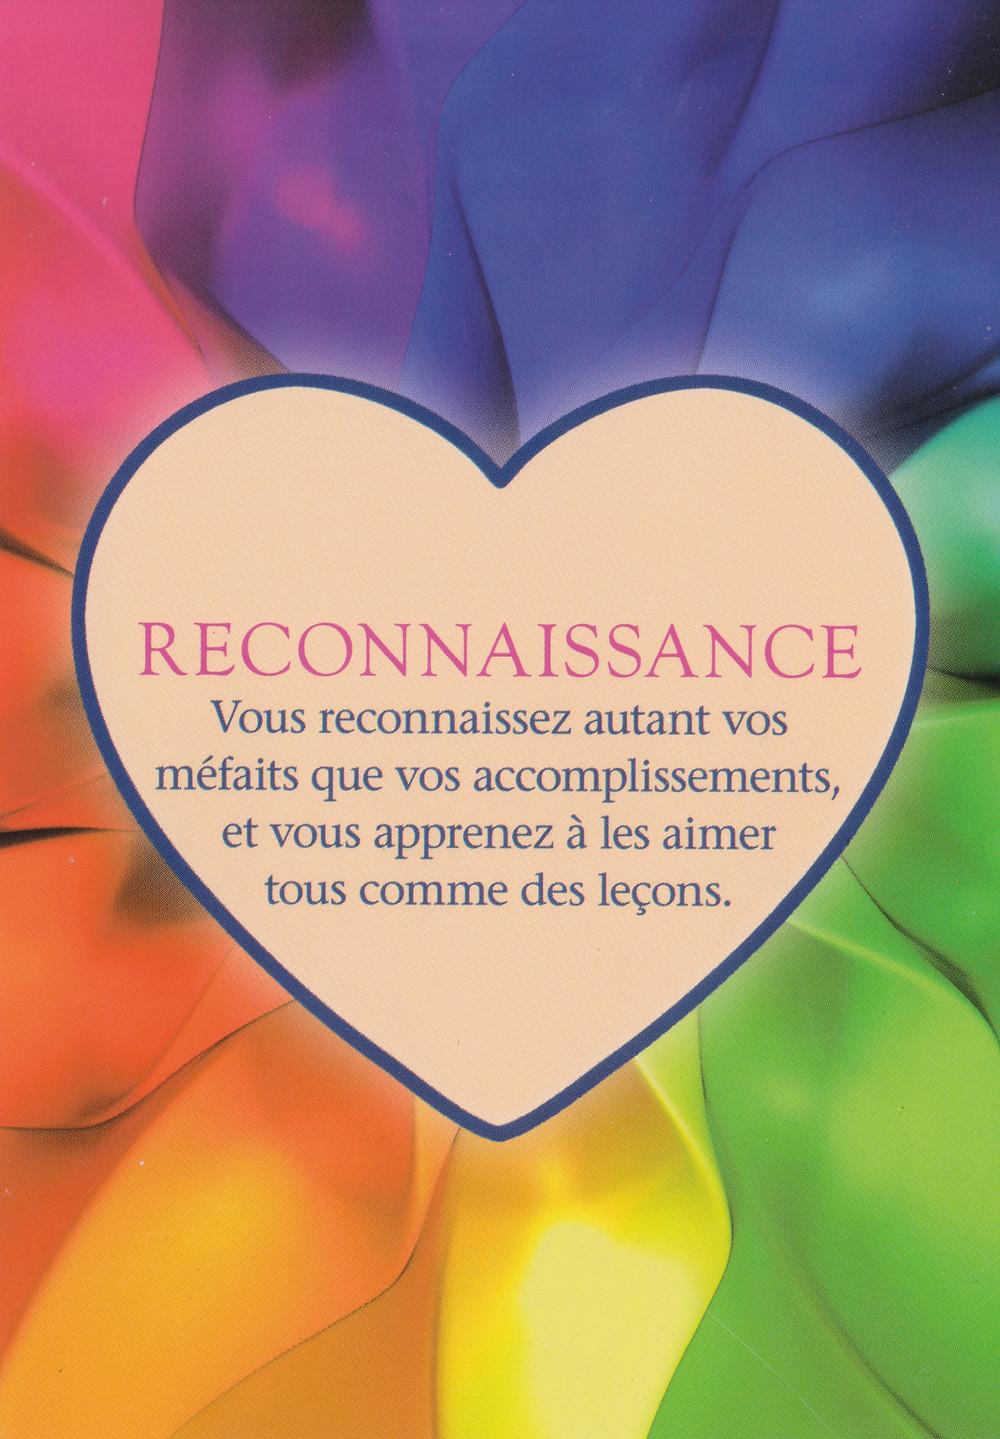 Carte tirée de L'Oracle Le Pouvoir de l'Amour de James Van Praagh Reconnaissance